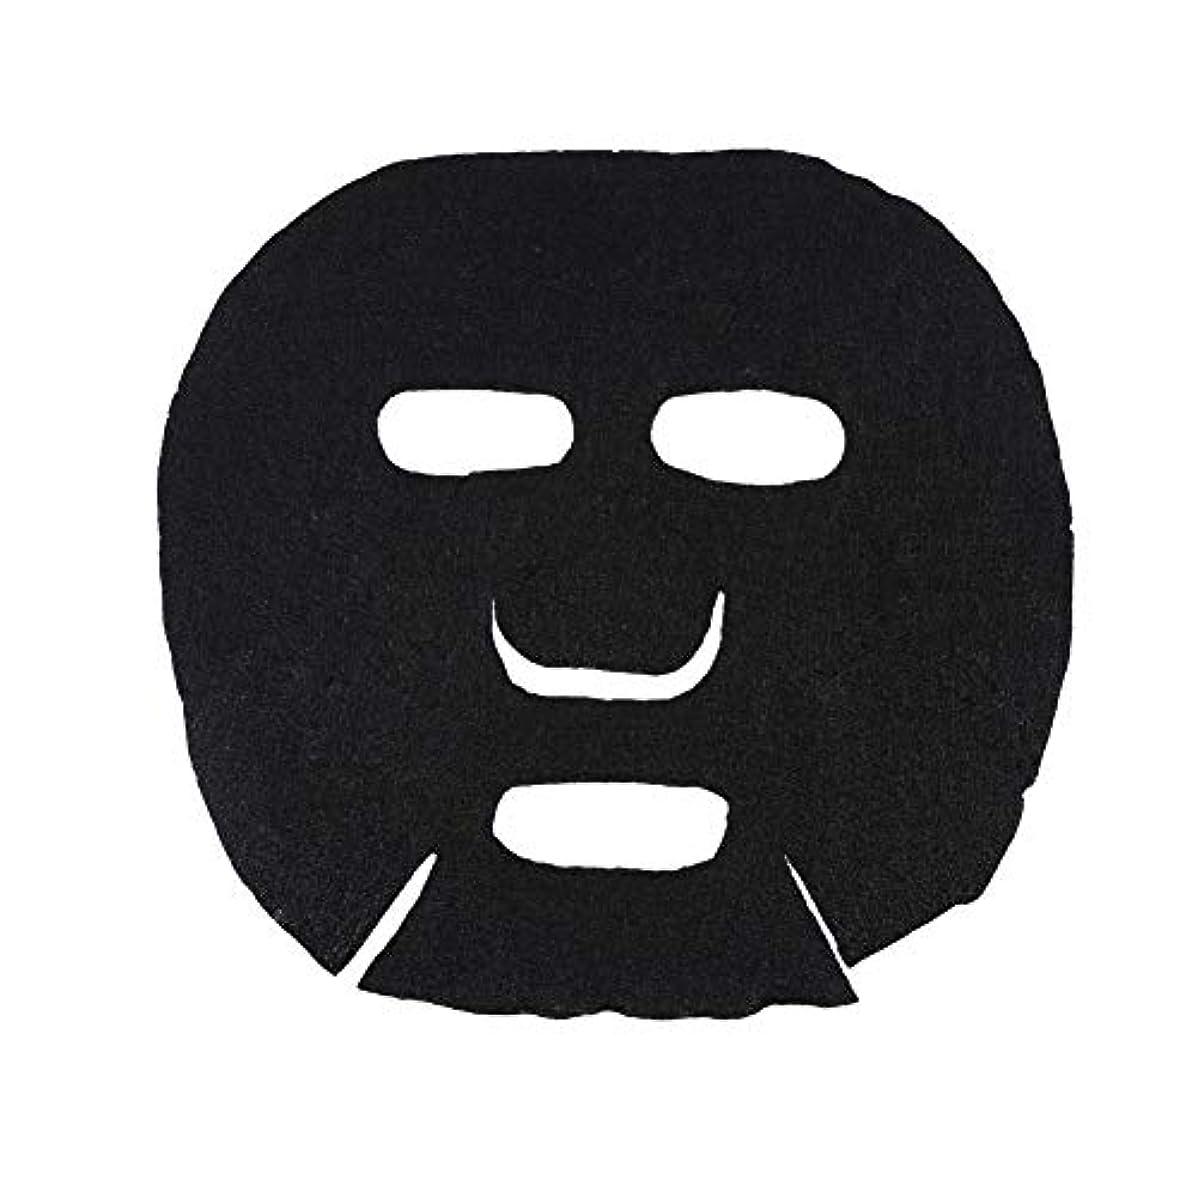 ファブリックプレミア塩30Pcs / 40Pcsマスク紙、マスク紙綿、スキンフェイスケアDIYフェイシャルペーパーコンプレスマスクマスクナチュラルコットンスキンケアマスクDIYシートマスク(30pcs)